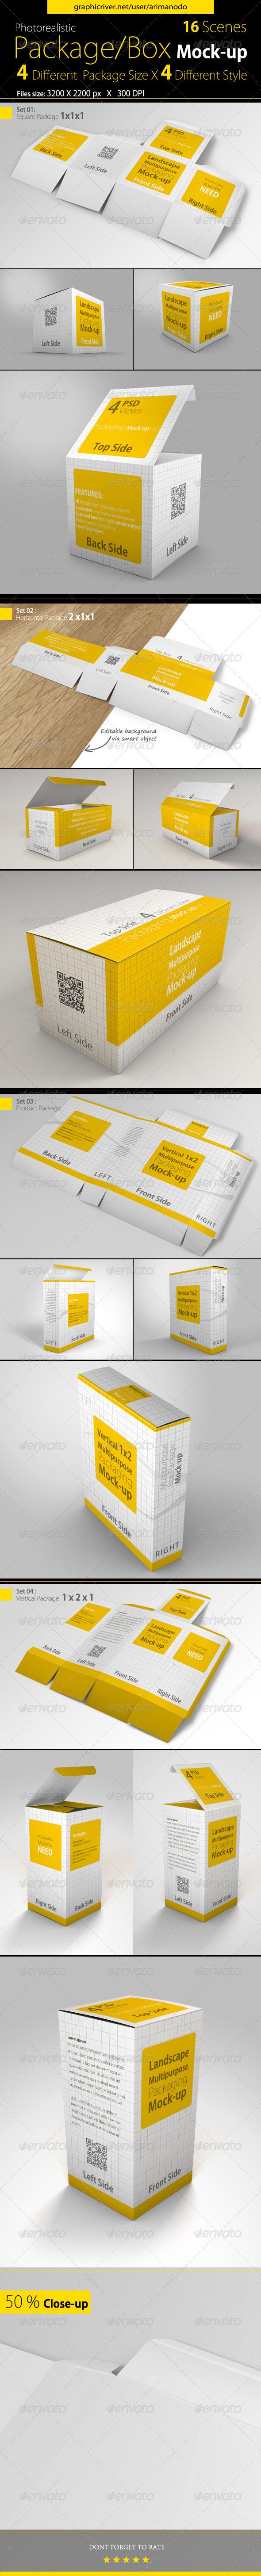 Multipurpose Package / Box Mock-ups | Plantas